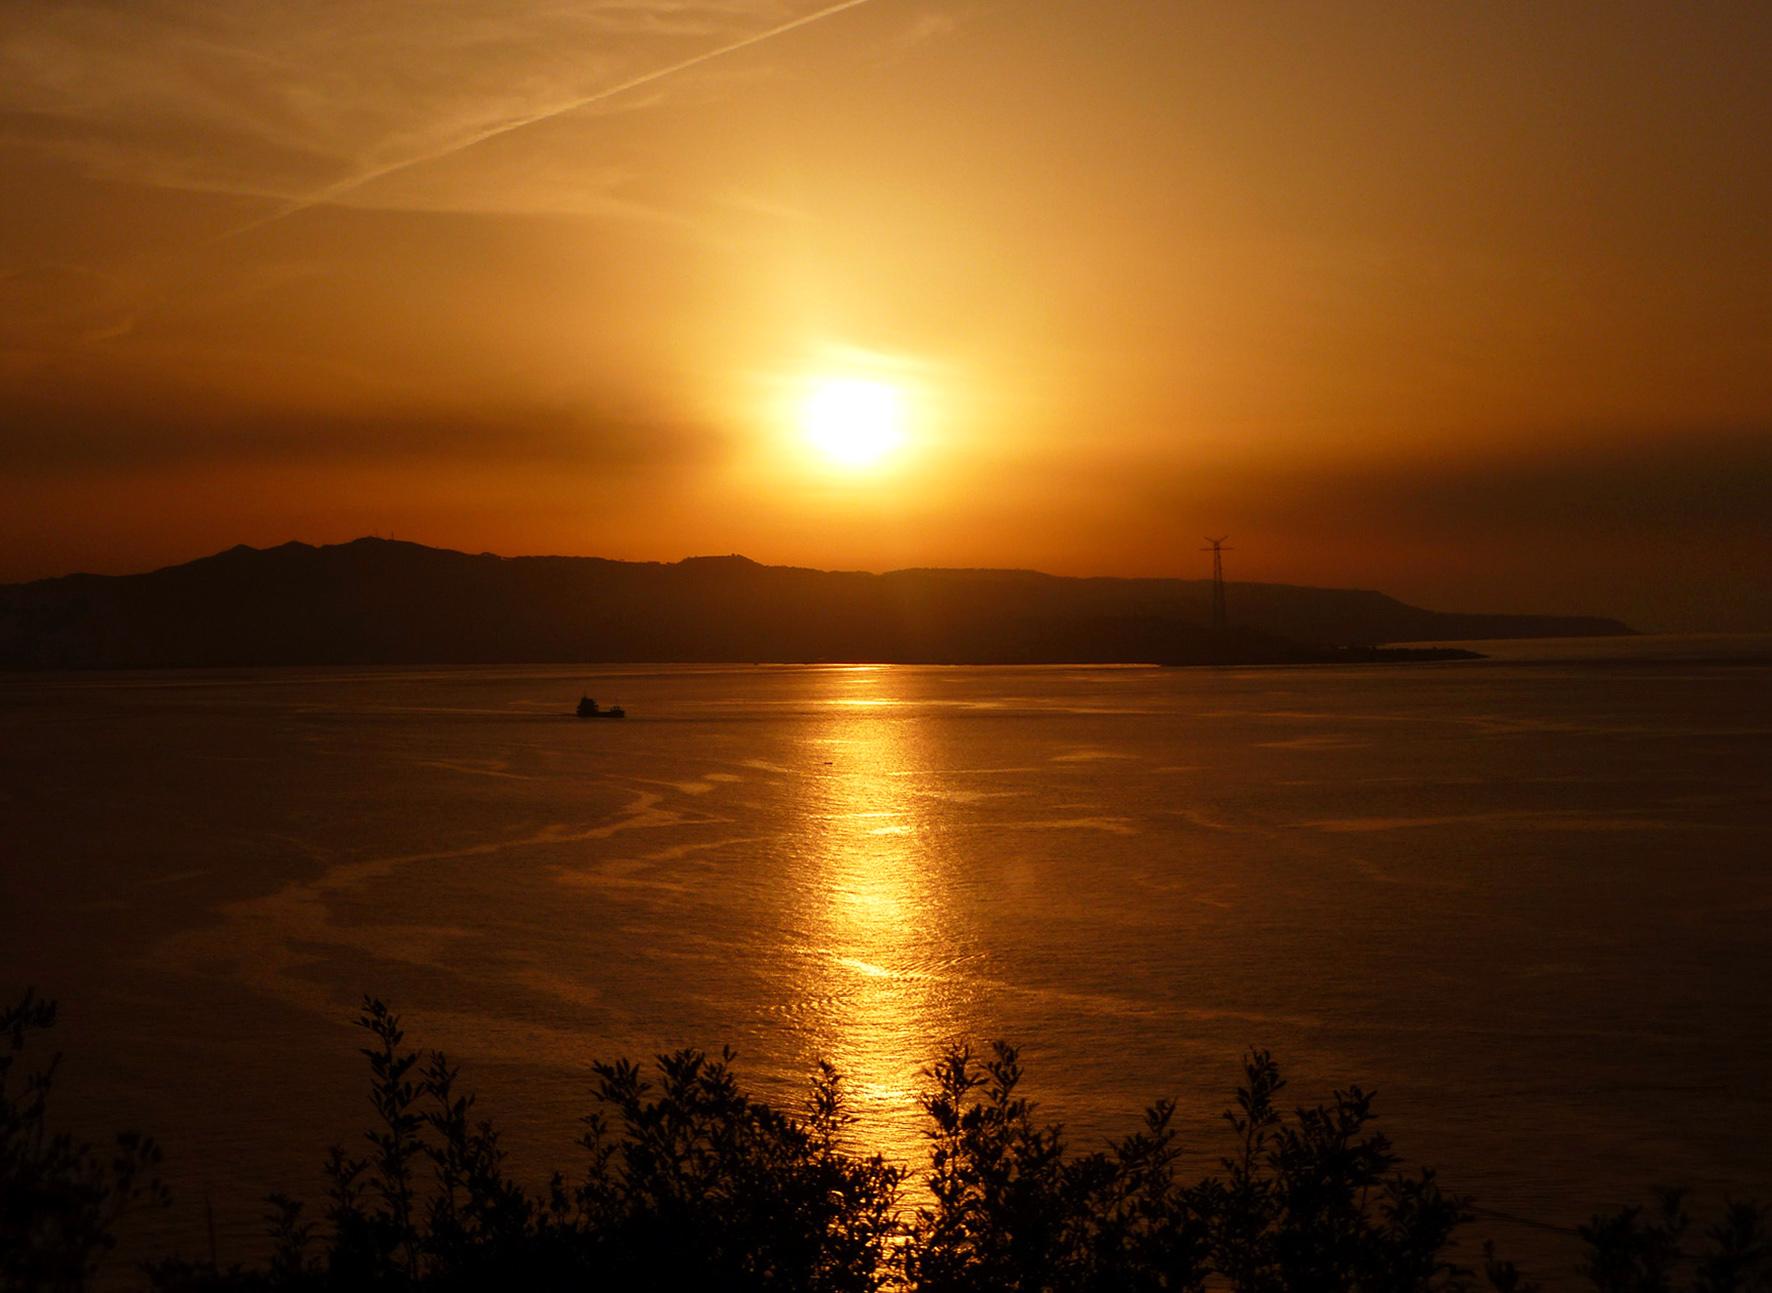 Golden sunset over the Strait of Messina...